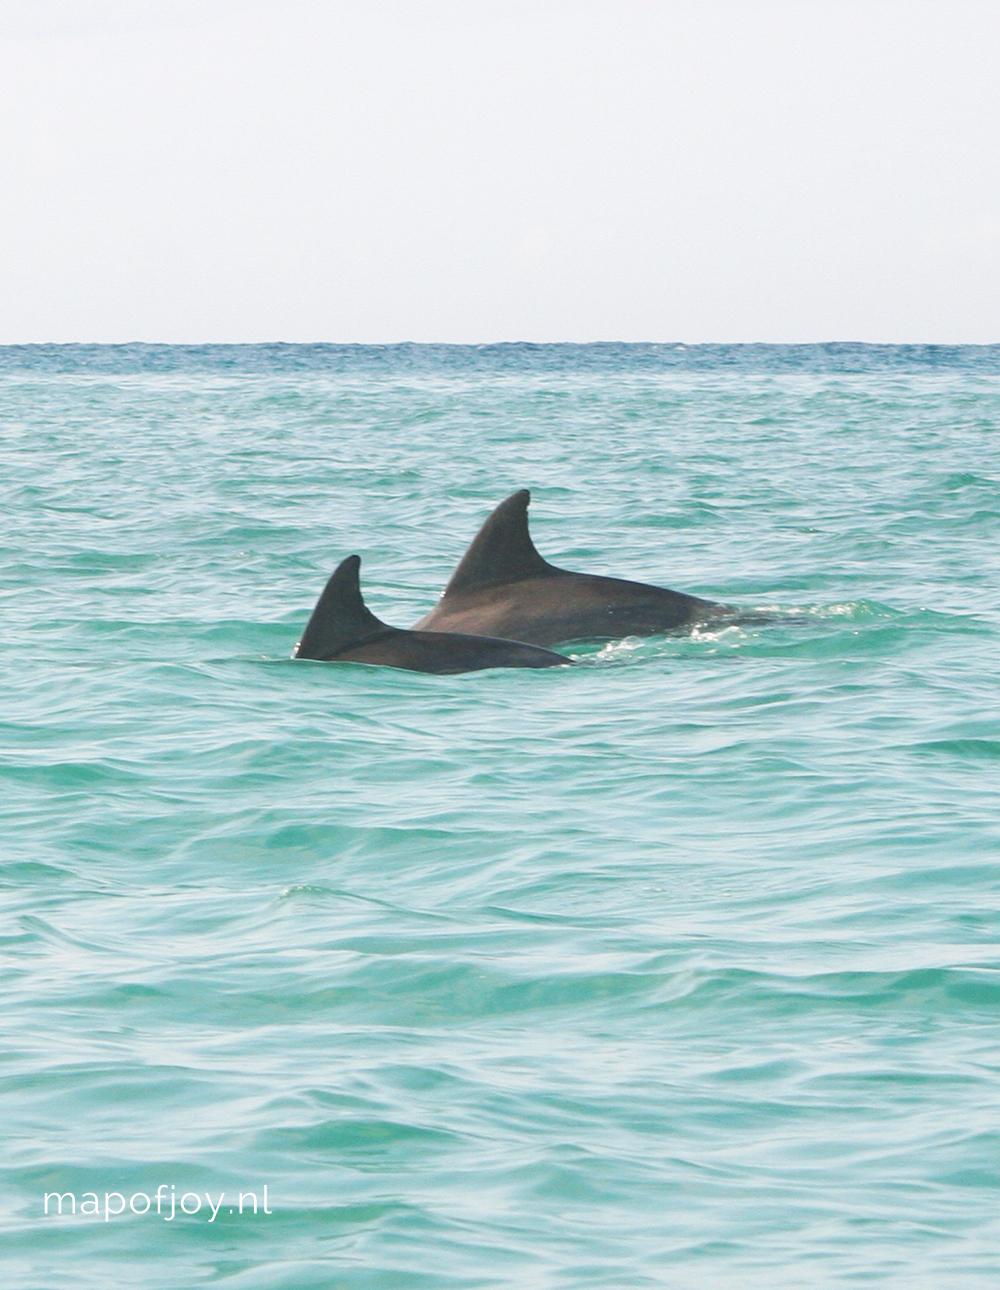 Doen vanuit Albufeira: dolfijnen spotten - Map of Joy